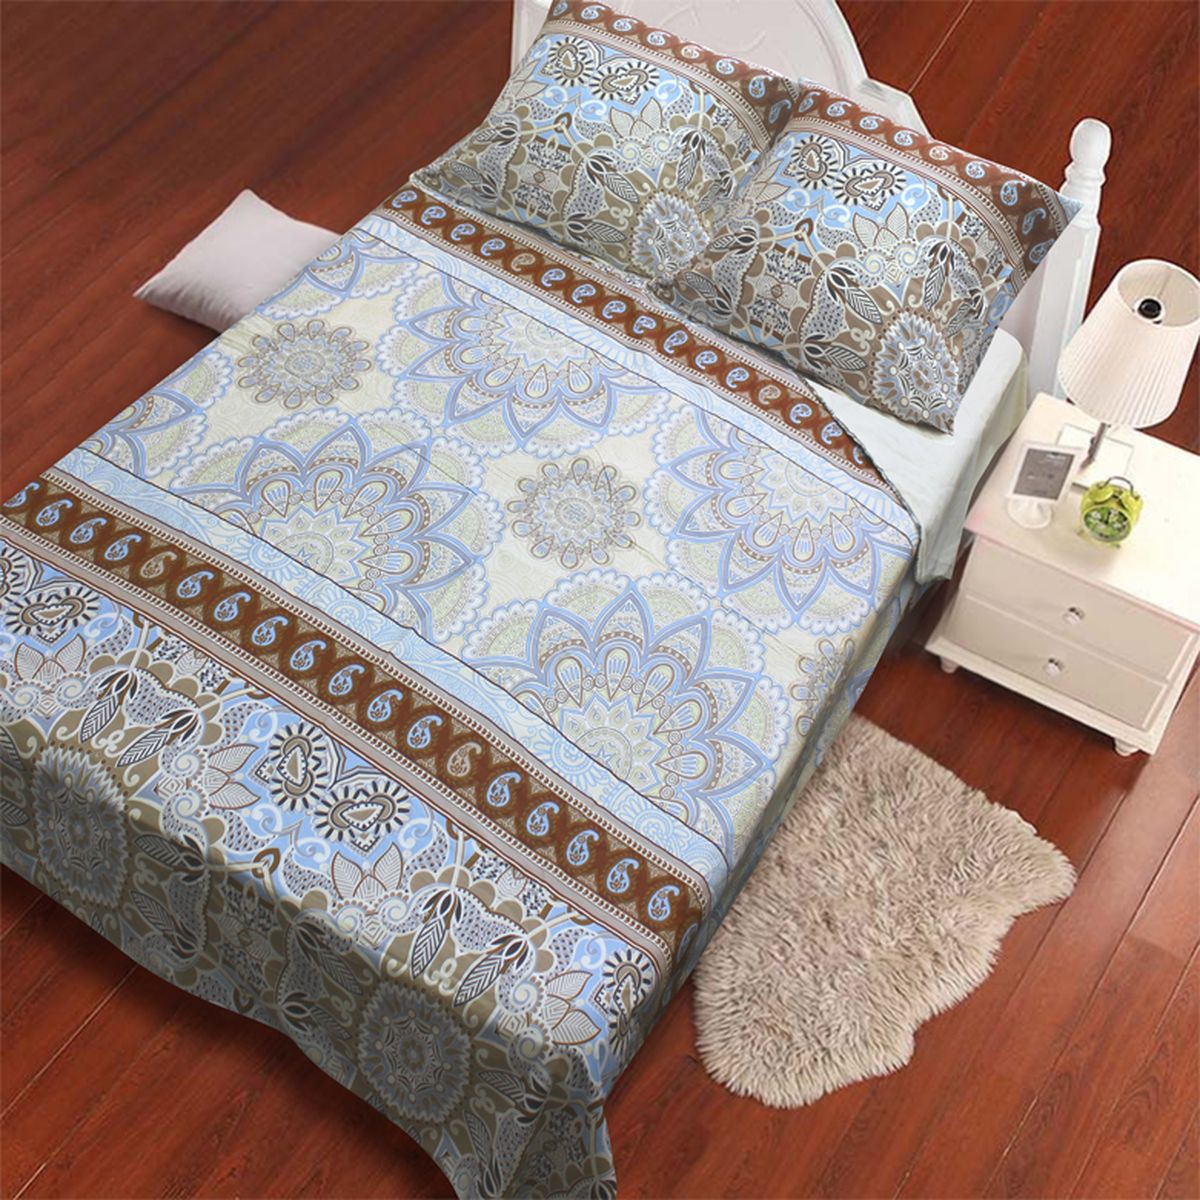 Комплект белья Amore Mio Vostok, 2-спальный, наволочки 70x70, цвет: молочный, бежевый, голубой82914Комплект постельного белья Amore Mio является экологически безопасным для всей семьи, так как выполнен из сатина (100% хлопок). Постельное белье оформлено оригинальным рисунком и имеет изысканный внешний вид. Сатин - это ткань сатинового (атласного) переплетения нитей. Имеет гладкую, шелковистую лицевую поверхность, на которой преобладают уточные нити (уток - горизонтально расположенные в тканом полотне нити). Сатин изготавливается из крученой хлопковой нити двойного плетения. Он чрезвычайно приятен на ощупь, не электризуется и не скользит по кровати. Сатин прекрасно сохраняет форму и не мнется, отлично пропускает воздух, что позволяет телу дышать и дарит здоровый и комфортный сон.Комплект состоит из пододеяльника, простыни и двух наволочек.